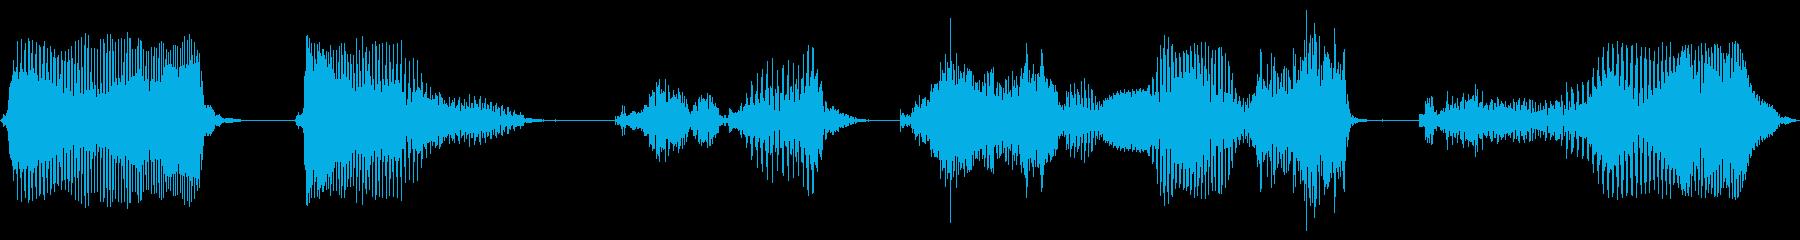 データを記録しますか?の再生済みの波形